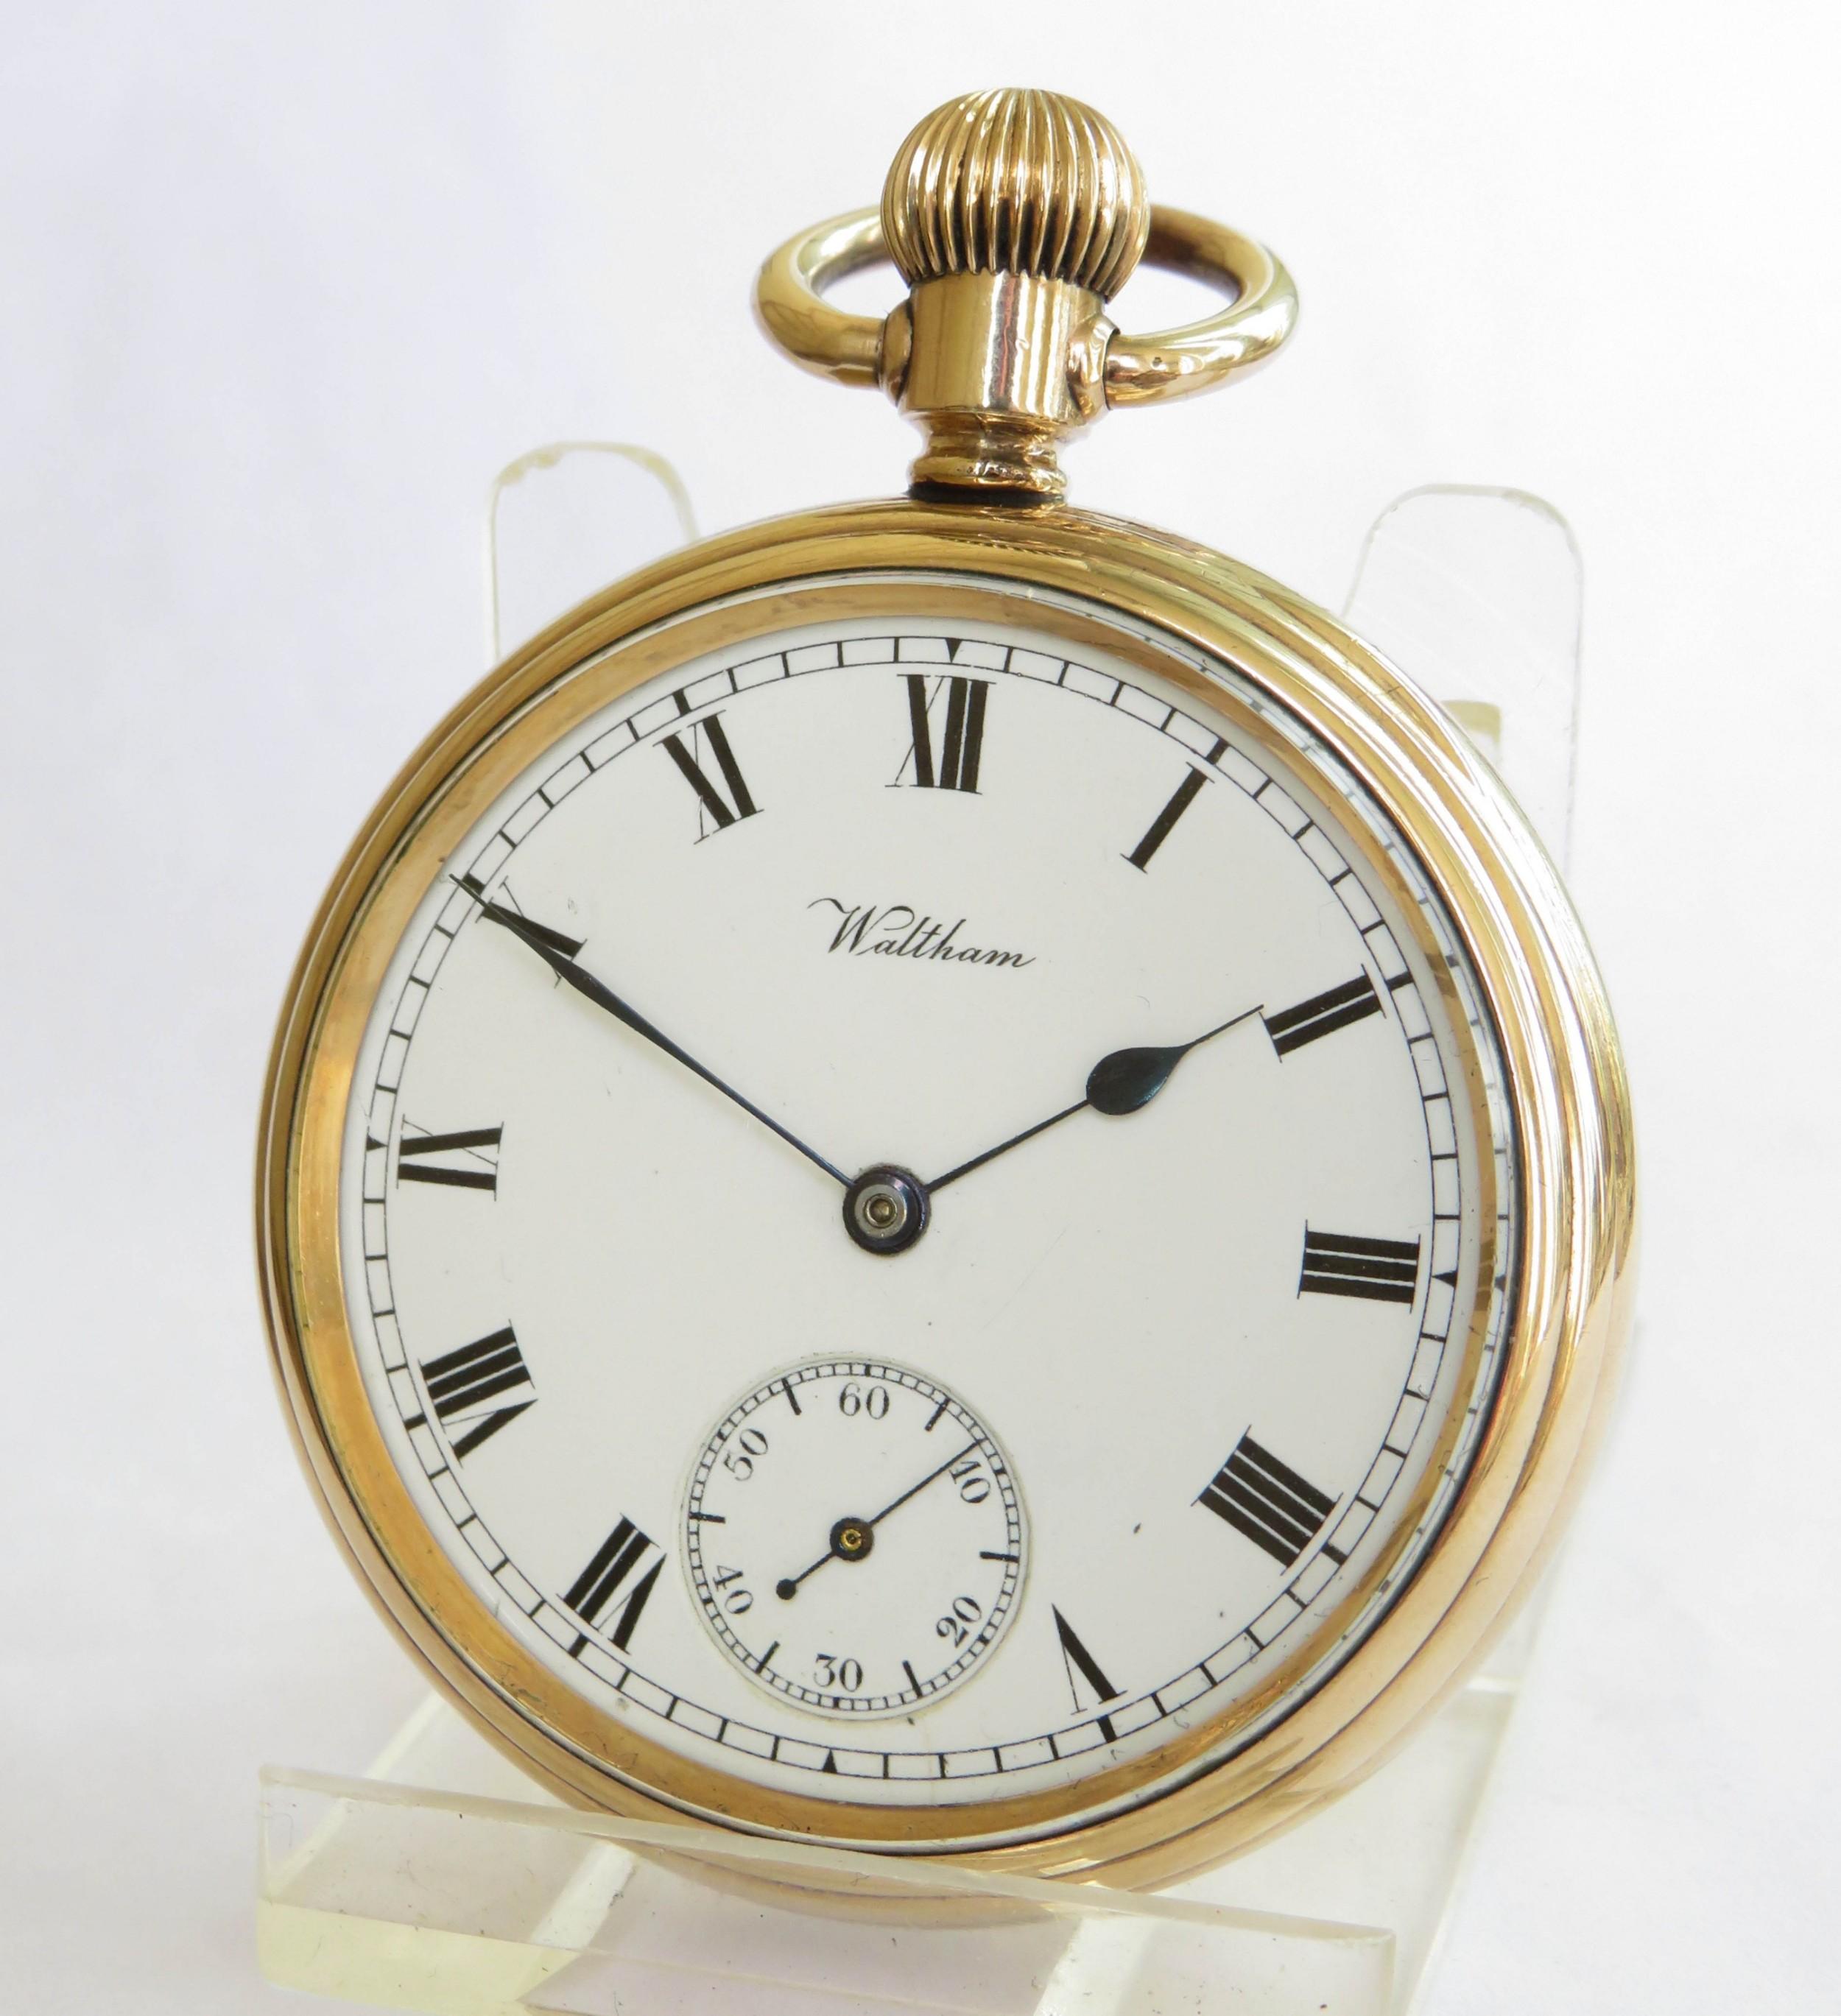 antique waltham pocket watch 1912